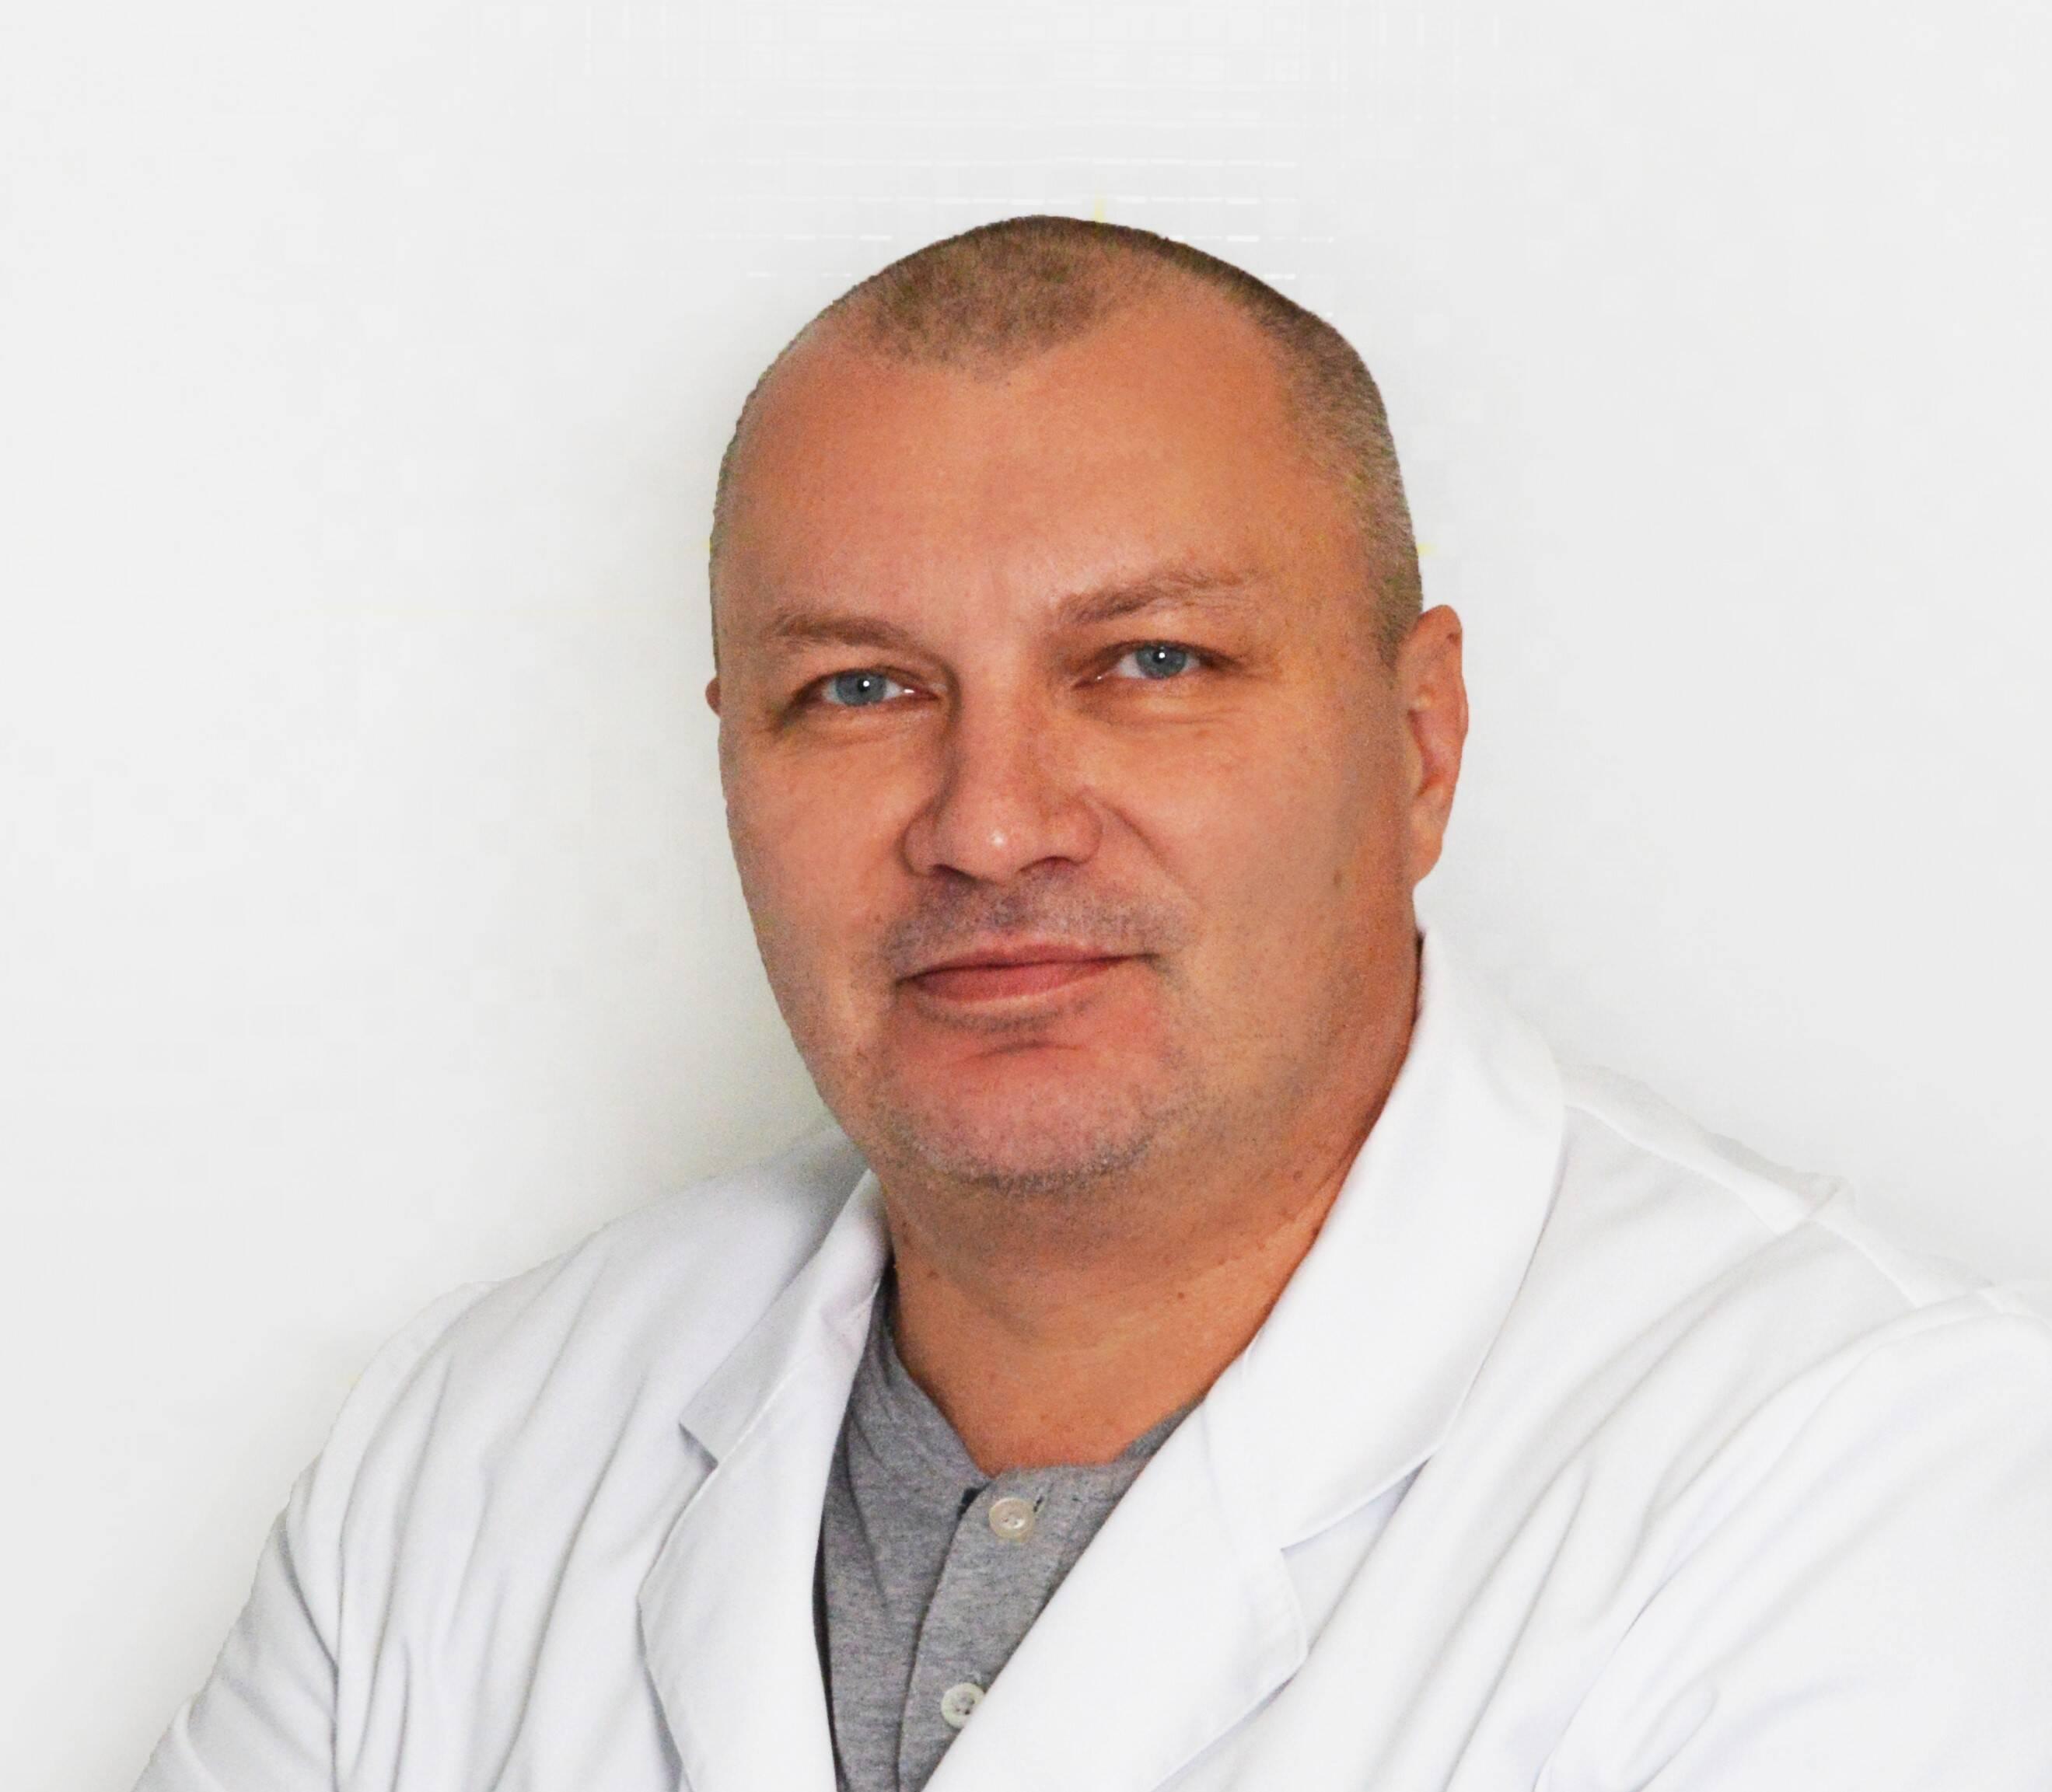 лікар Сенич Станіслав Вікторович: опис, відгуки, послуги, рейтинг, записатися онлайн на сайті h24.ua